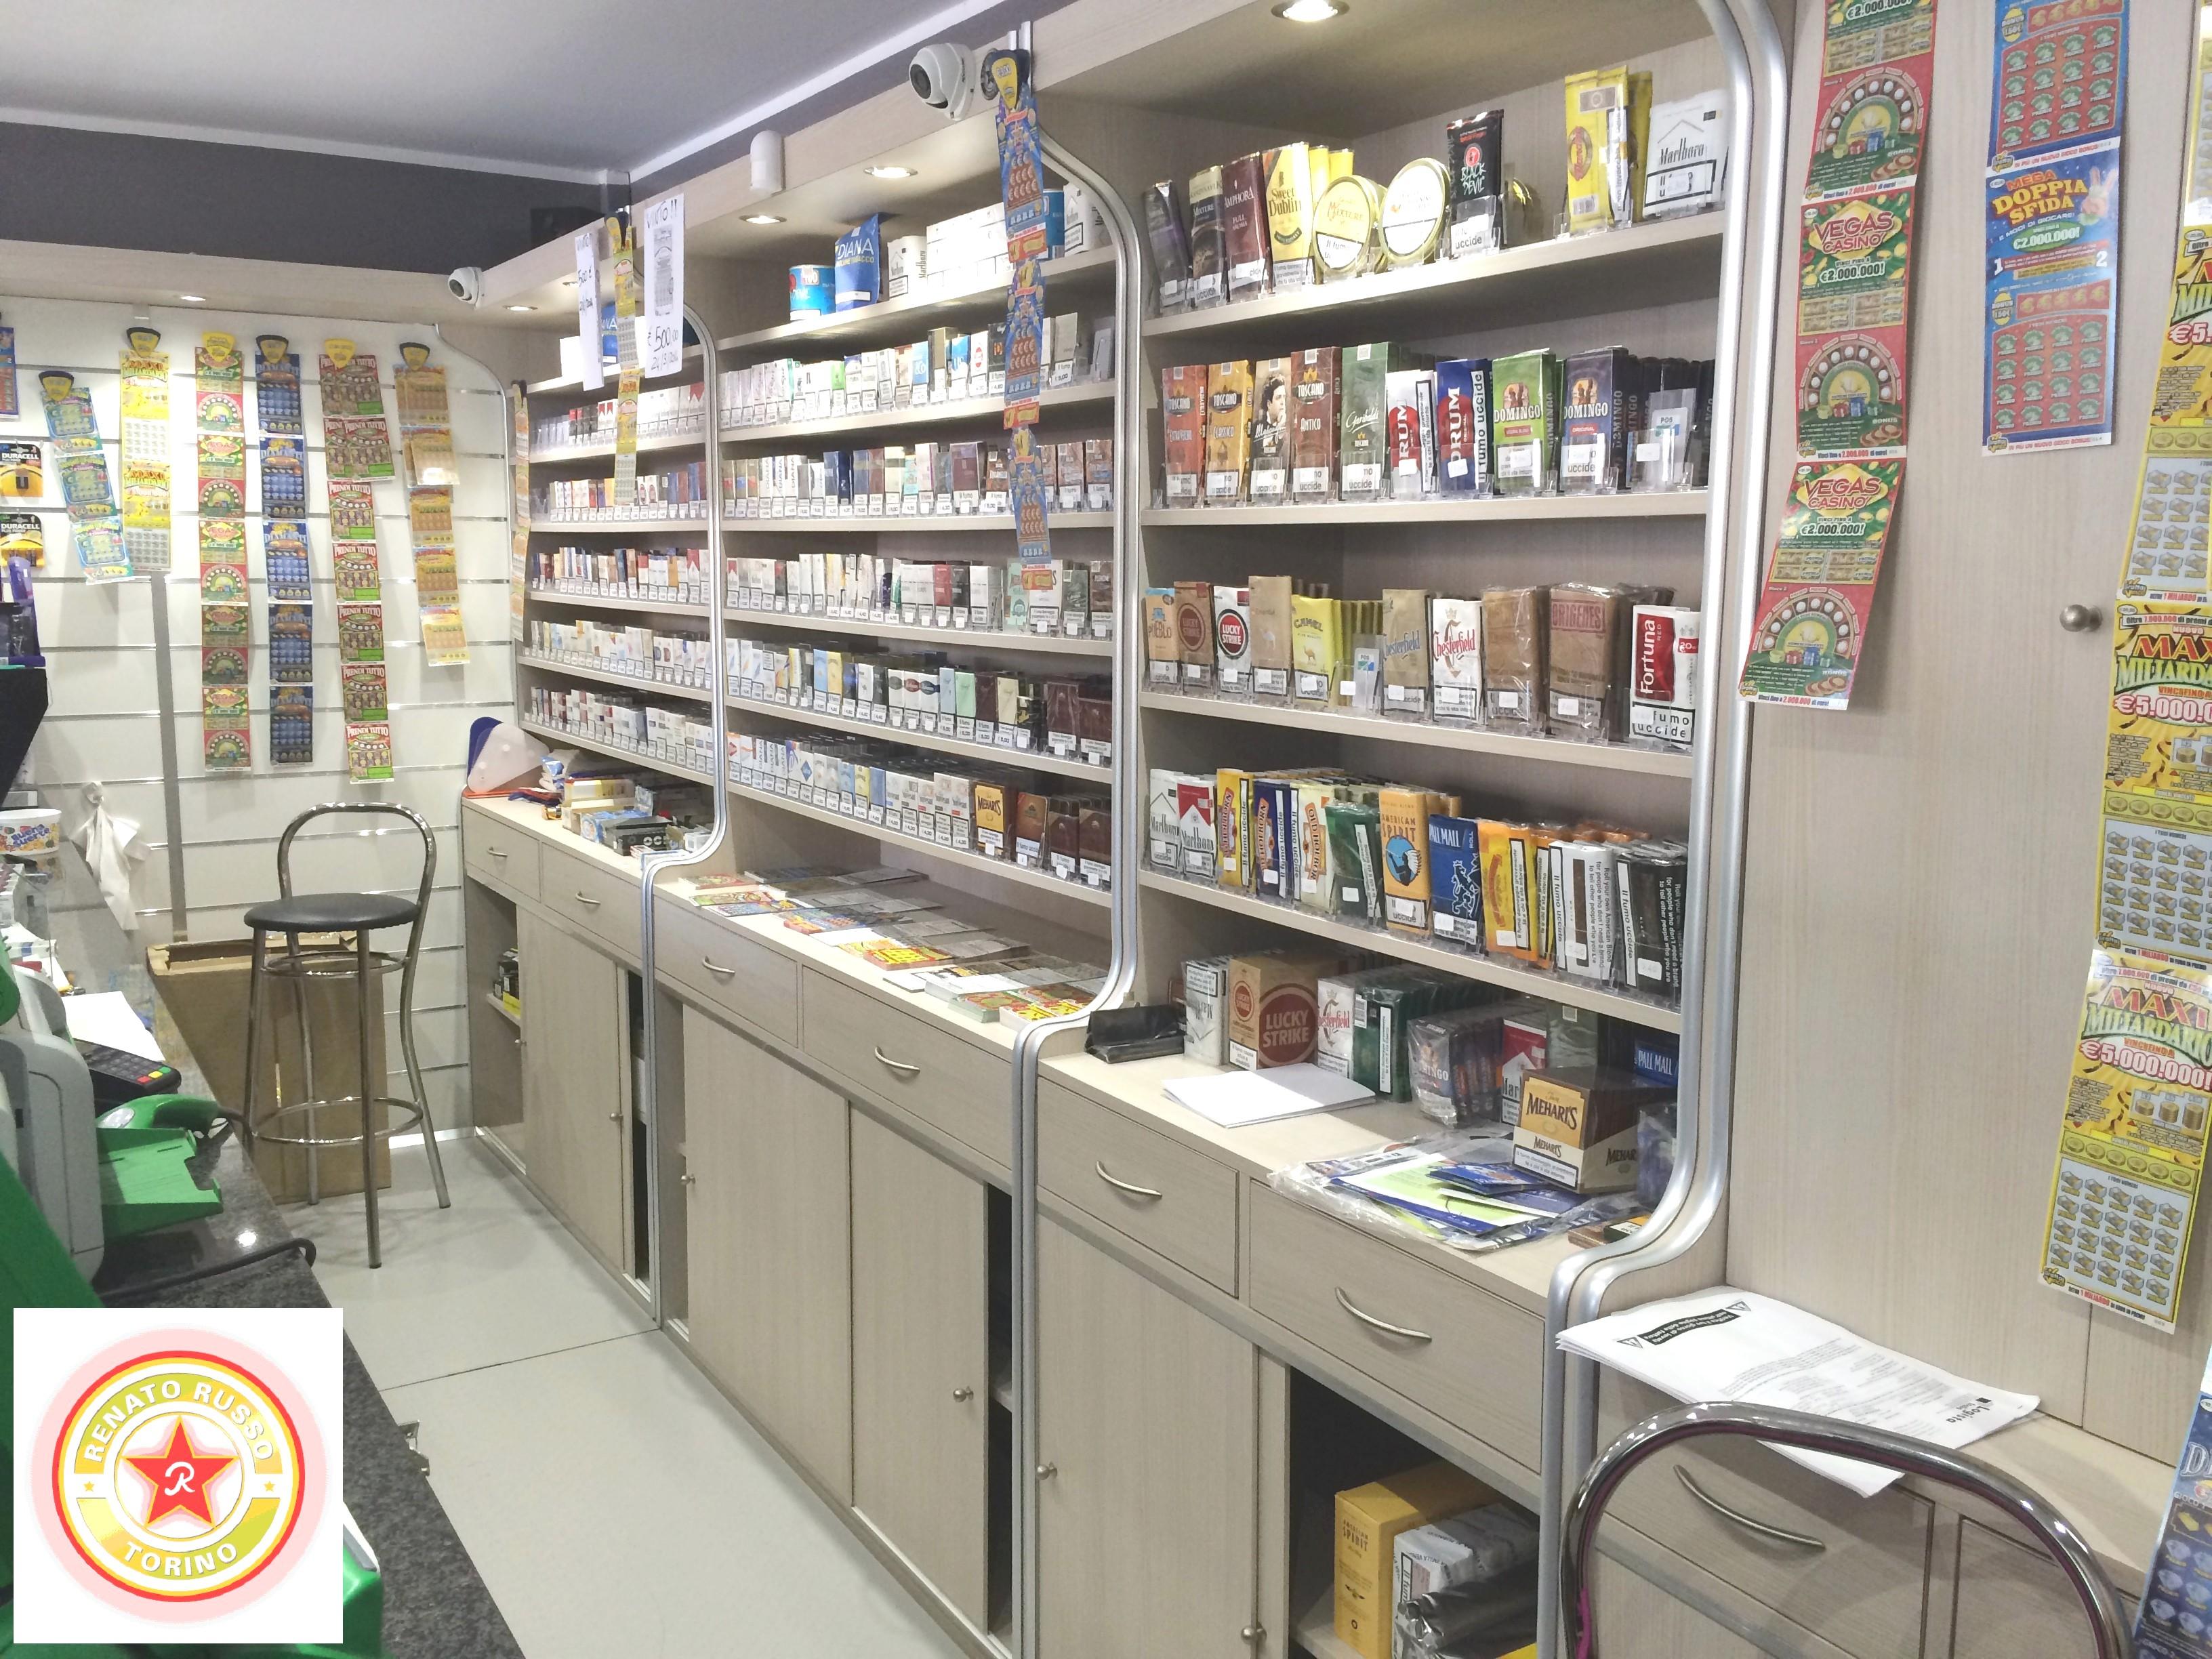 Arredamenti per tabaccherie clicca sull immagine for Arredamento bar tabacchi usato